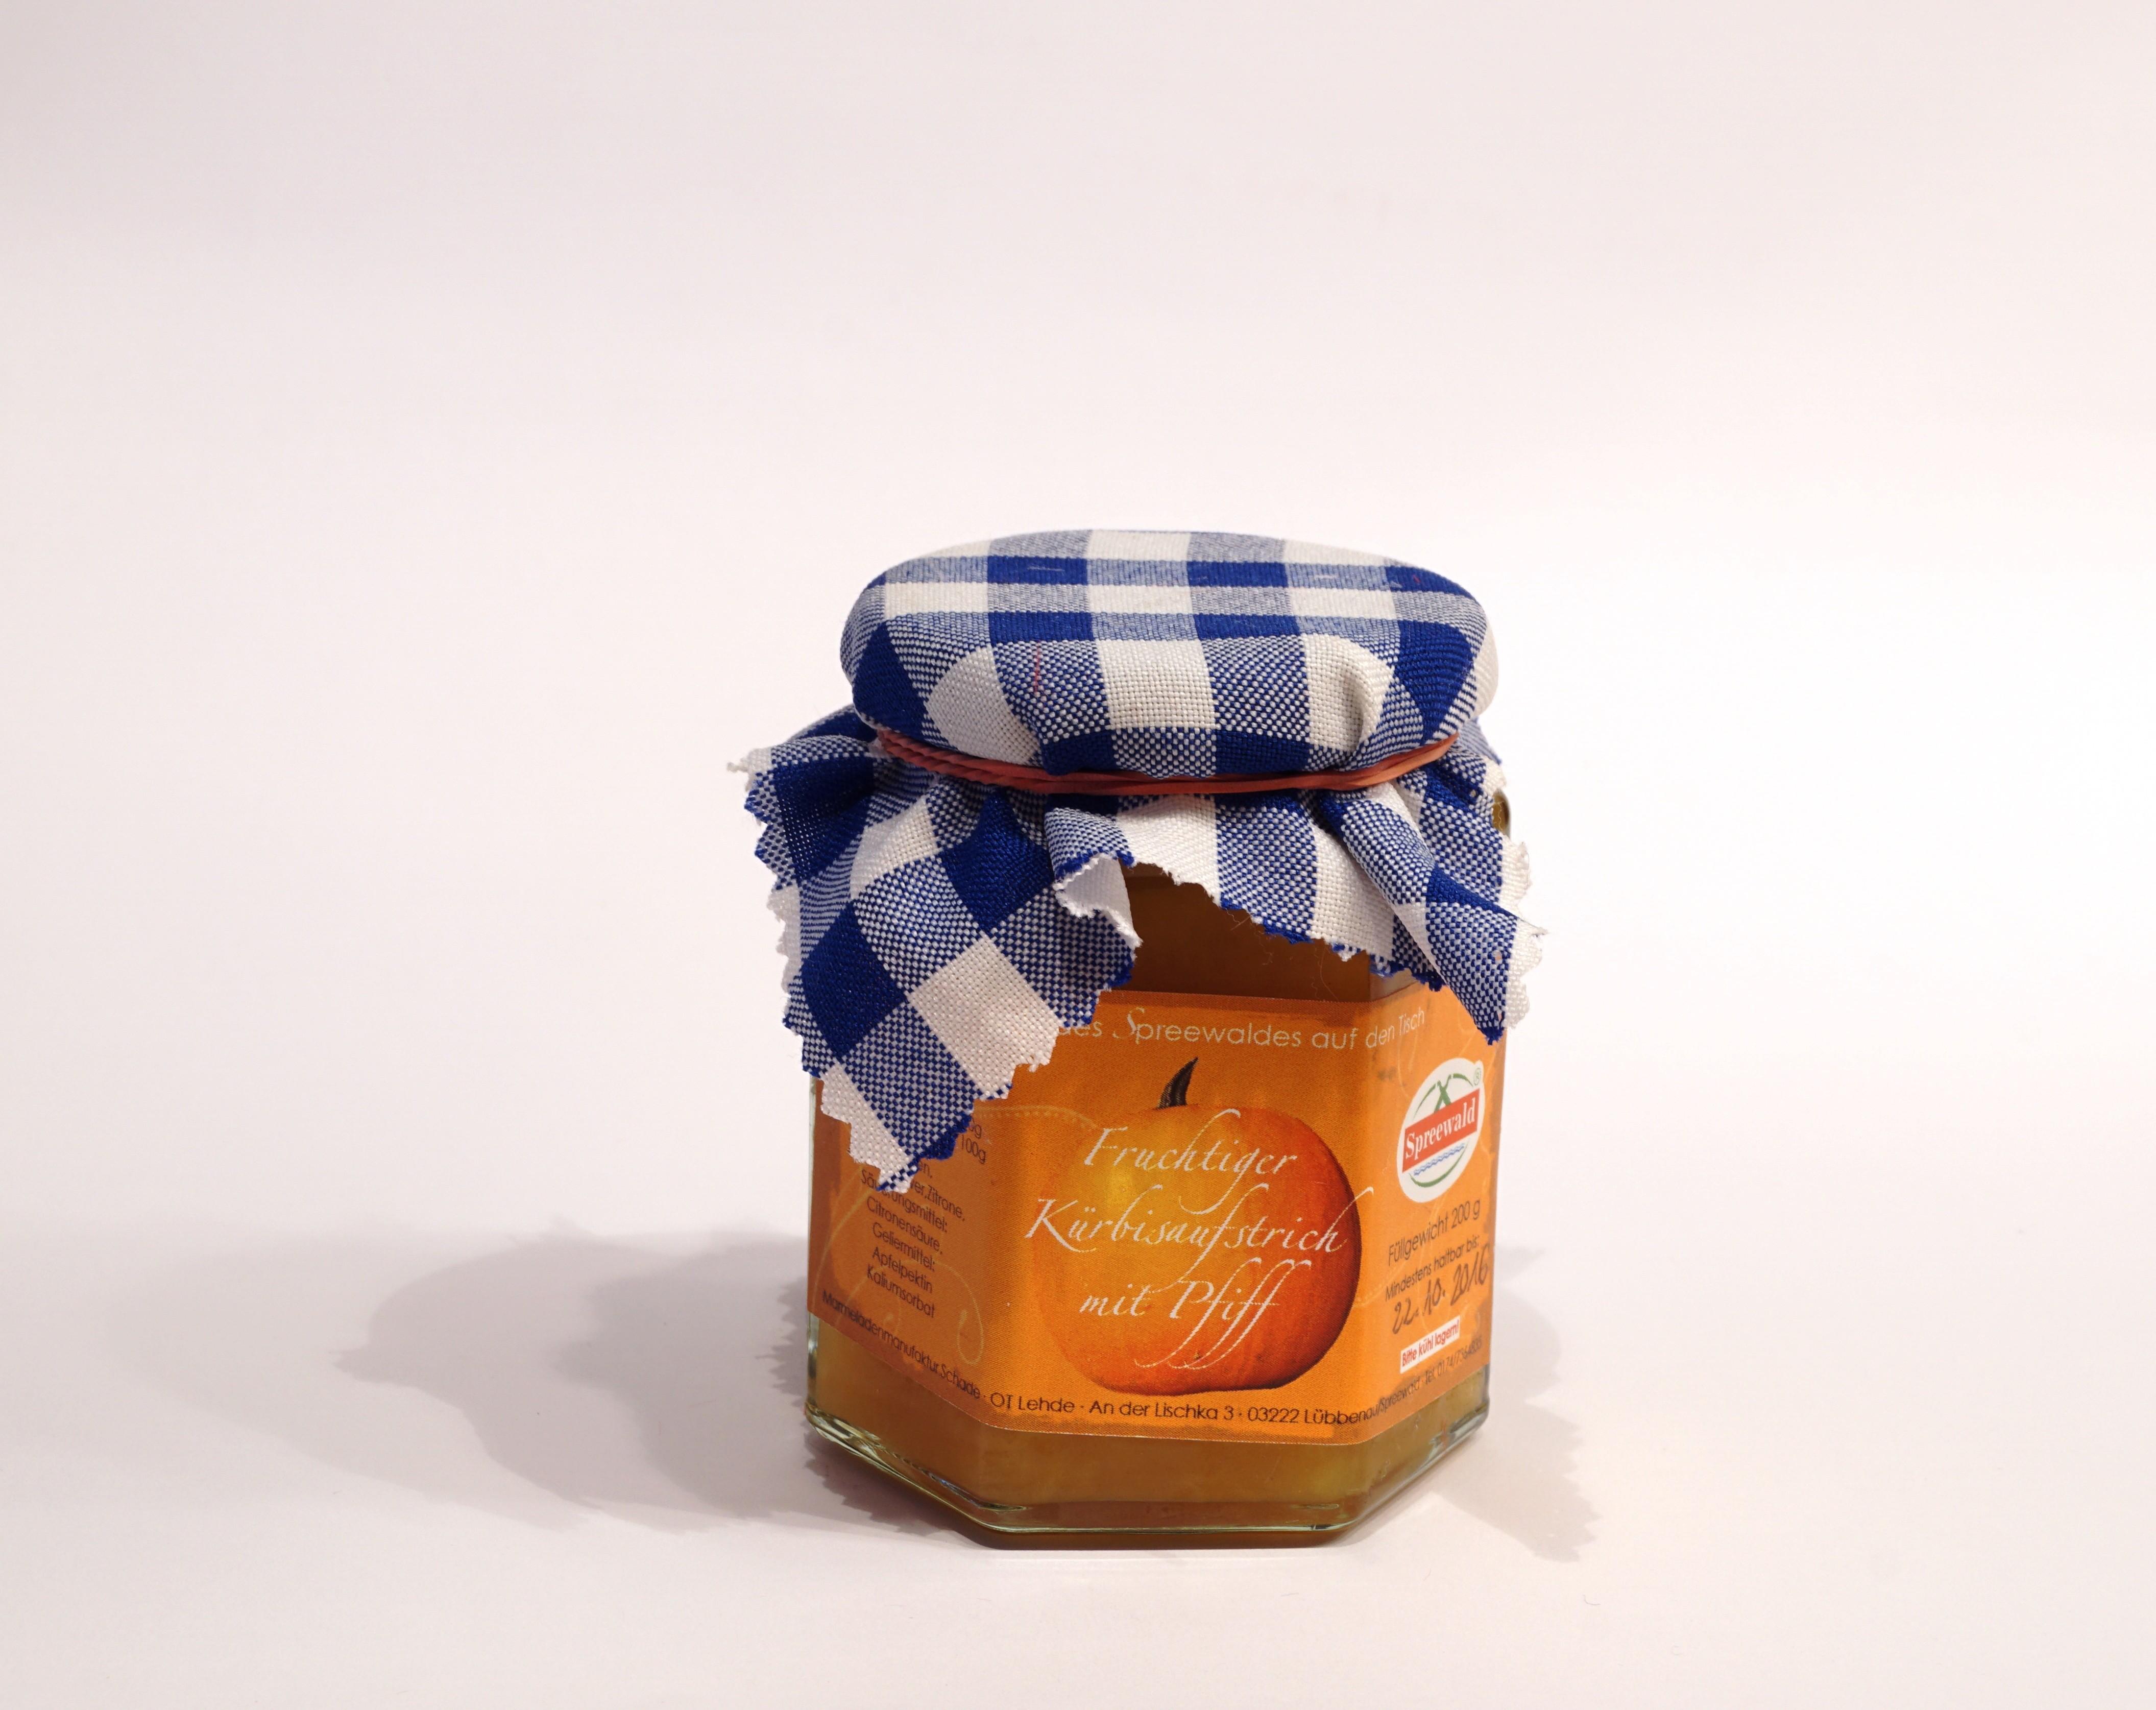 Kürbis mit Pfiff Kürbis-Orange-Ingwer-Aufstrich